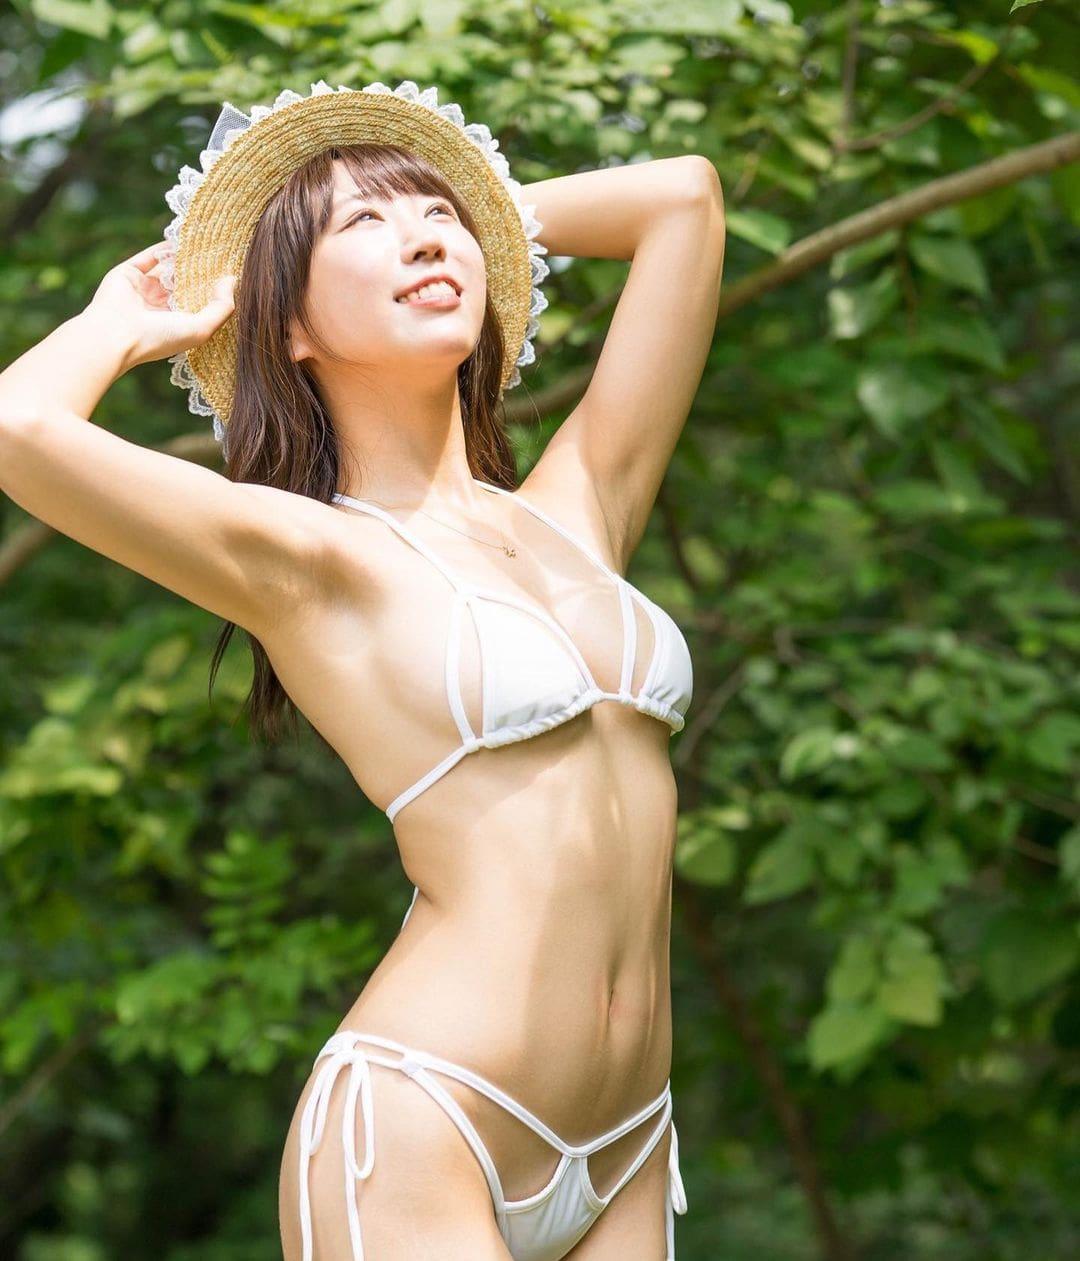 「皆様の貴重な1票、よろしくお願い致します」『変形水着が日本一似合うグラドル総選挙』をPR【日向葵衣さん/2021年8月16日】